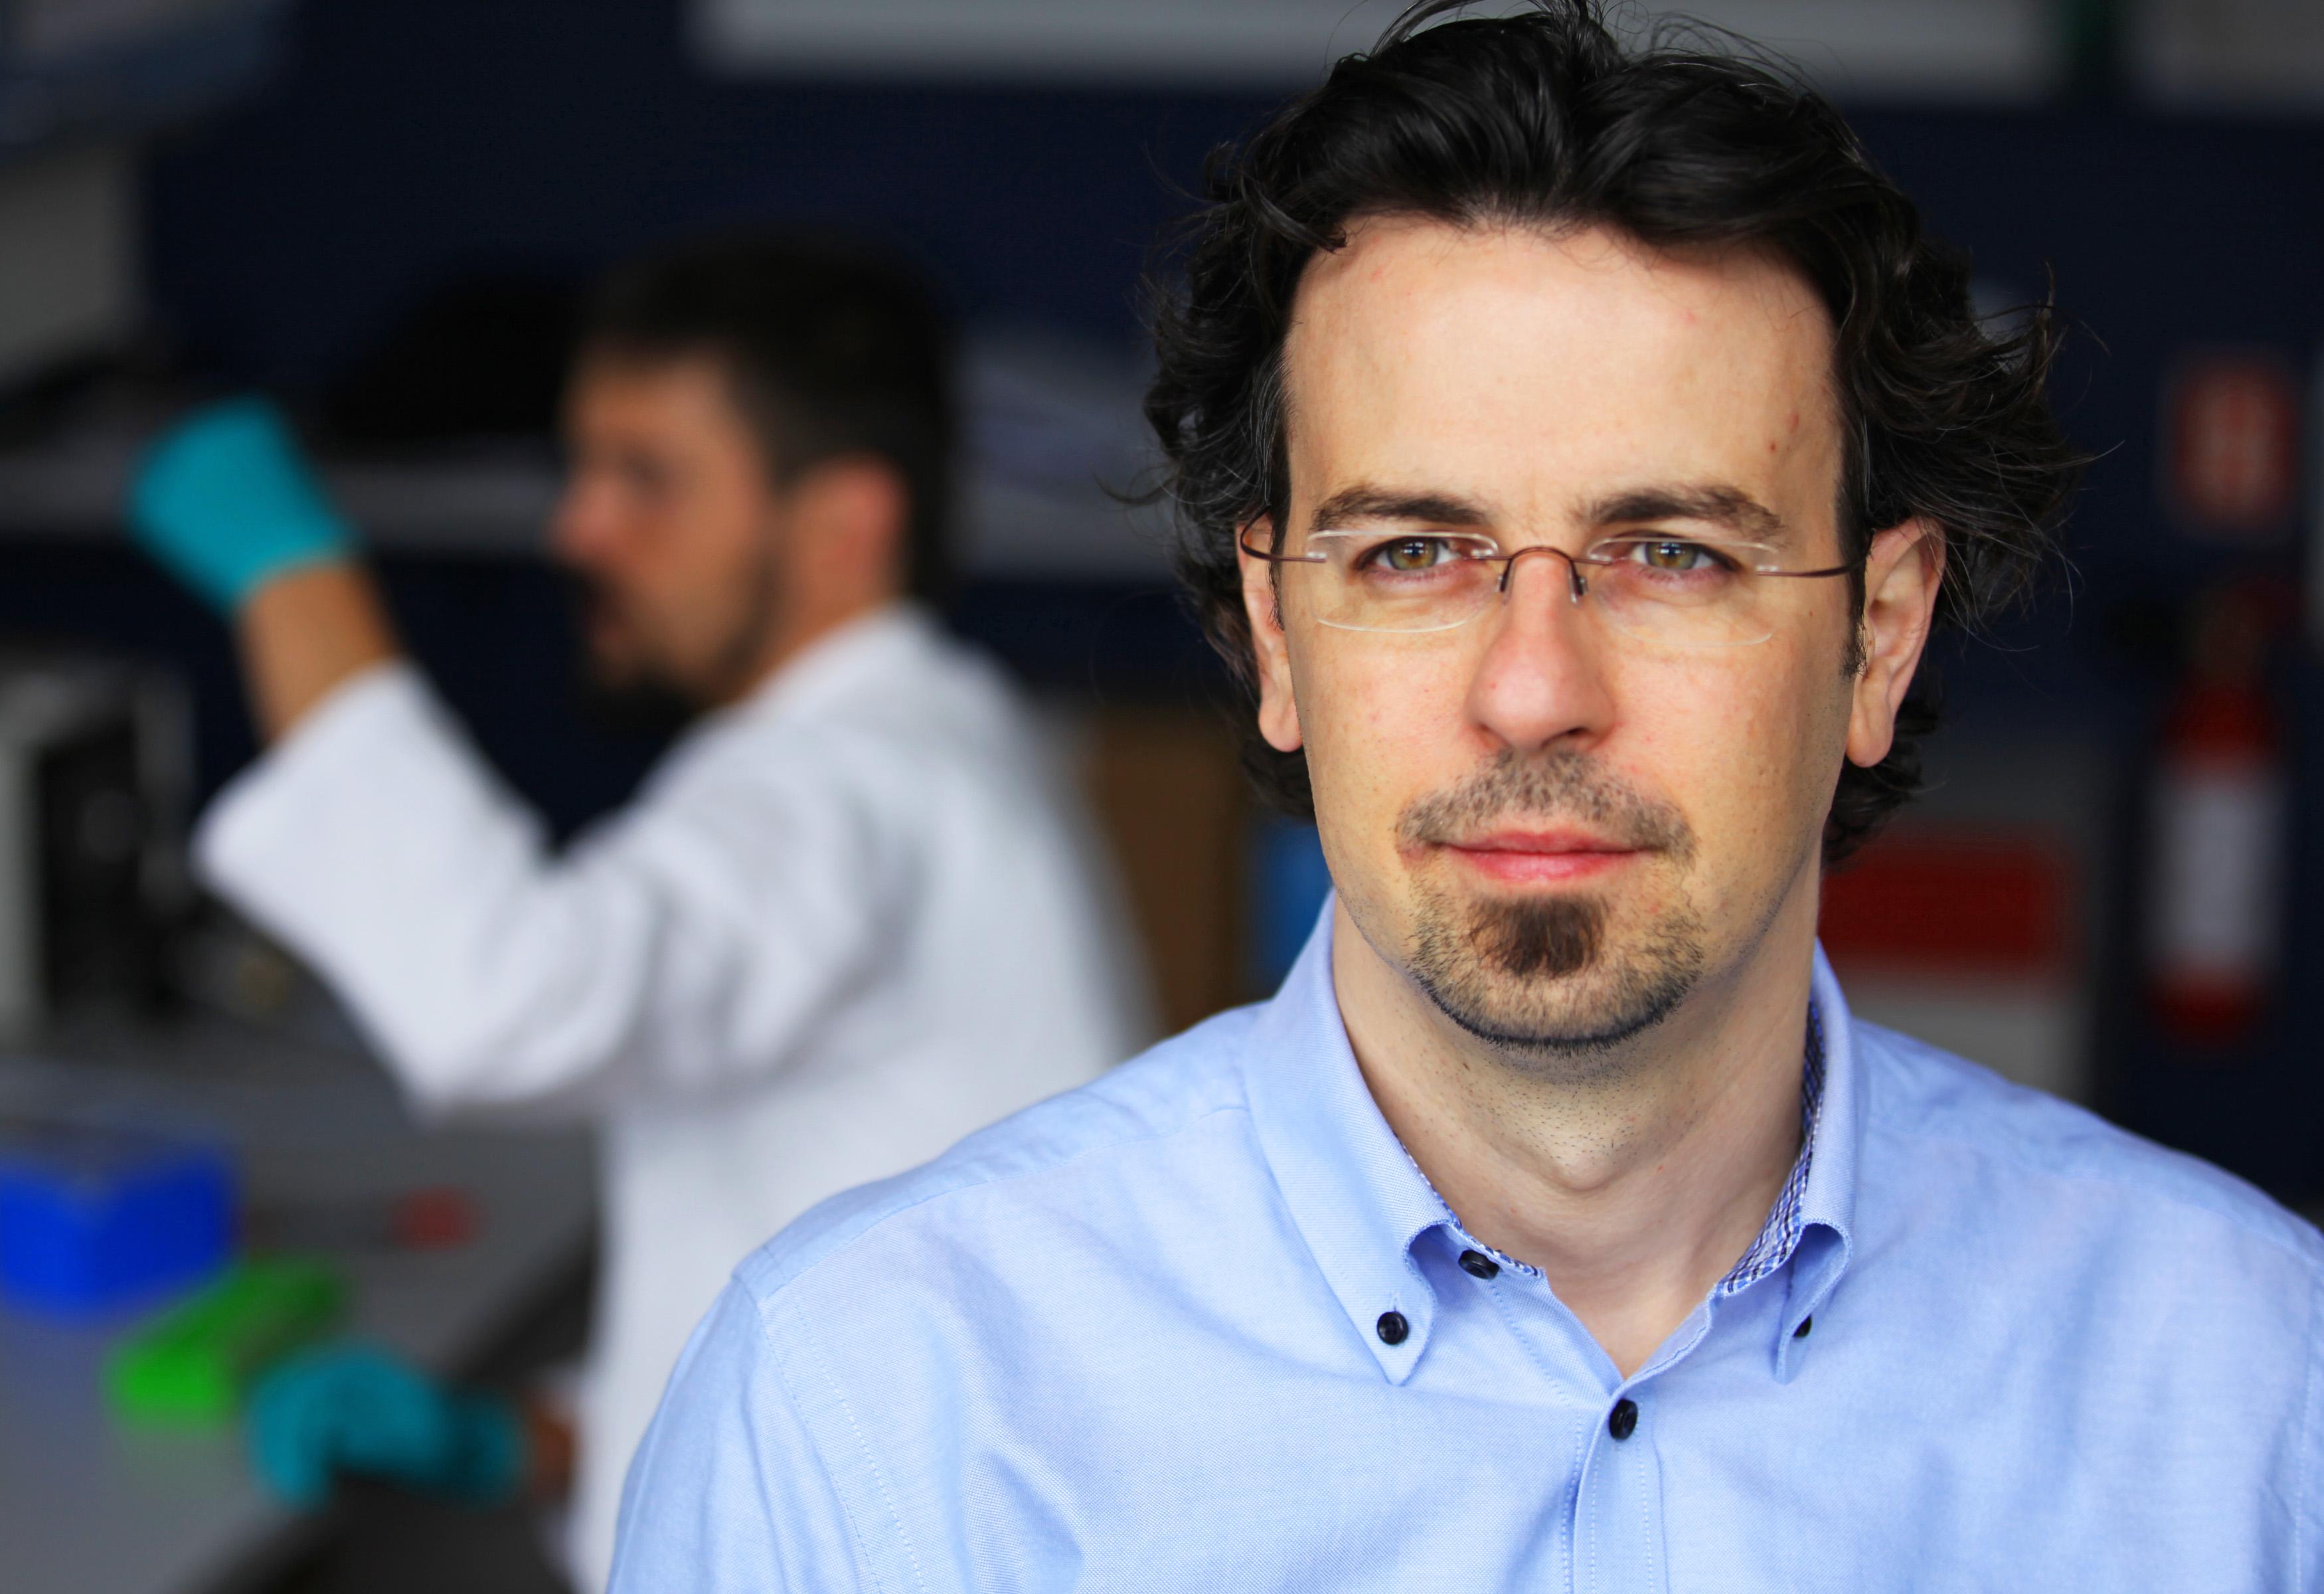 Professor Dimitrios Stamou